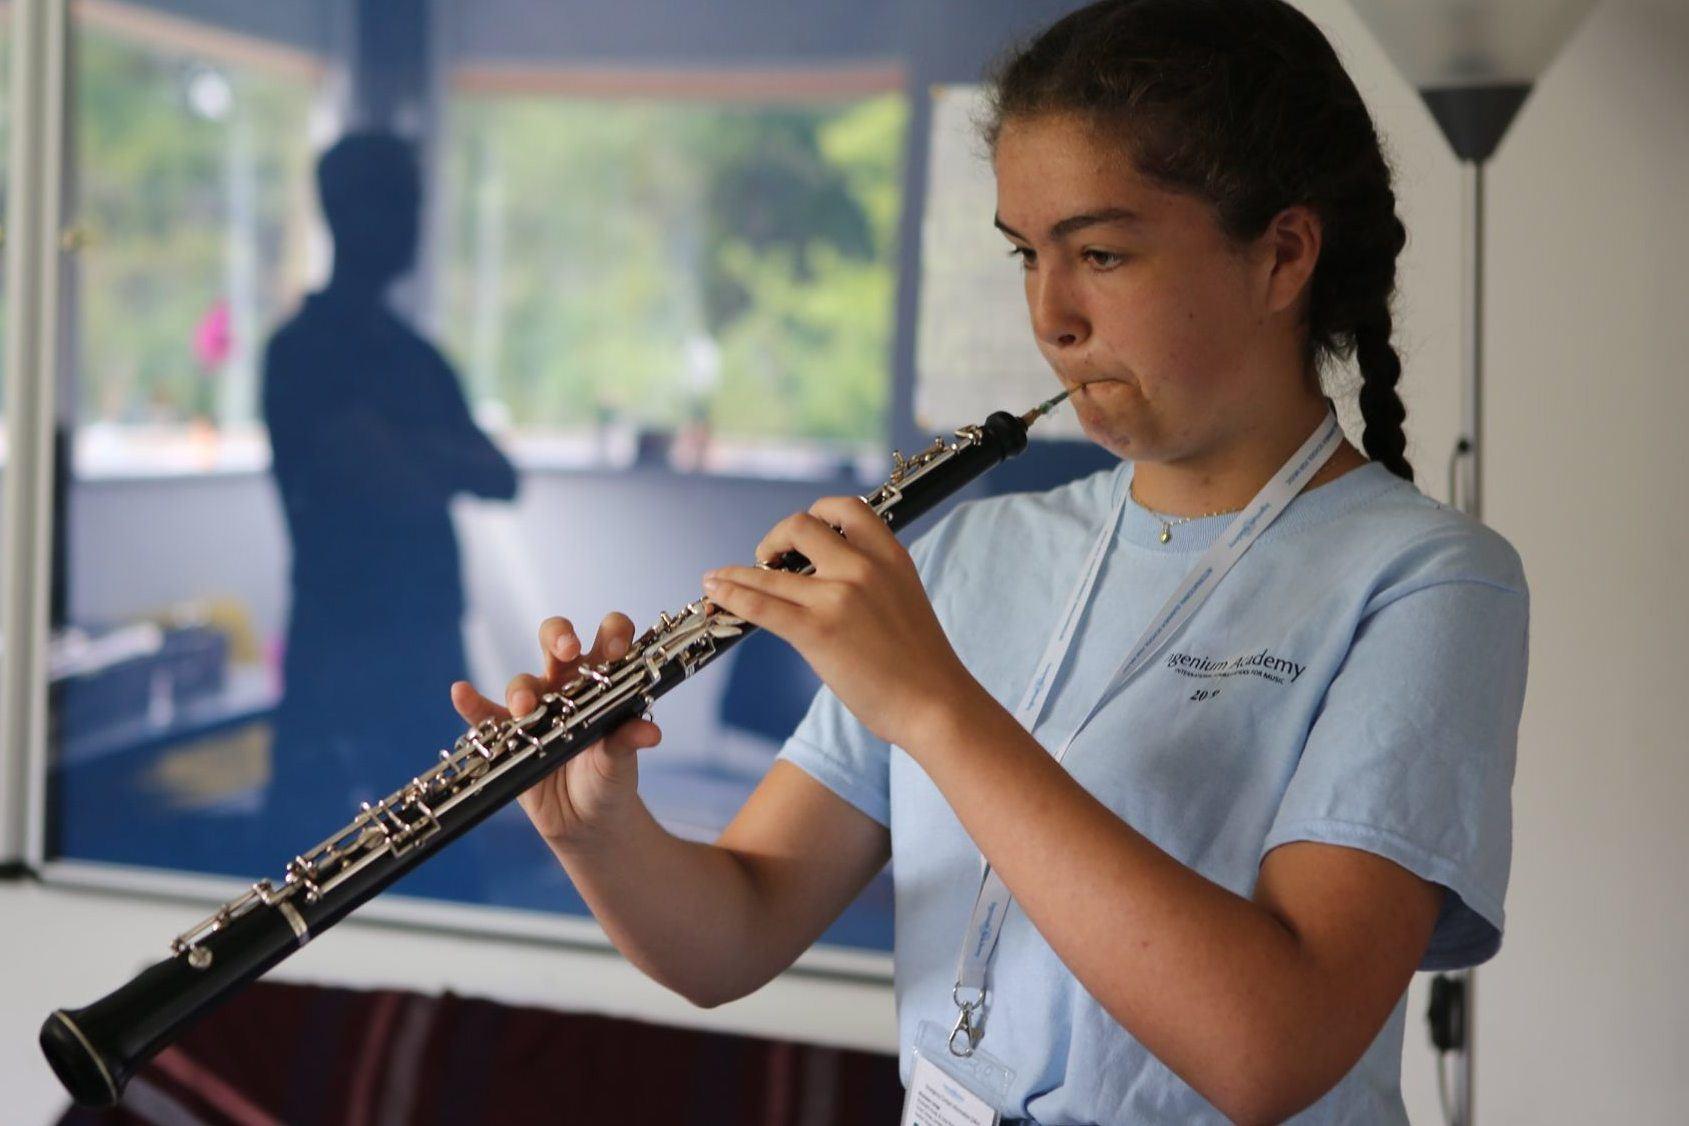 Nina, student the Ingenium Academy orchestra programme